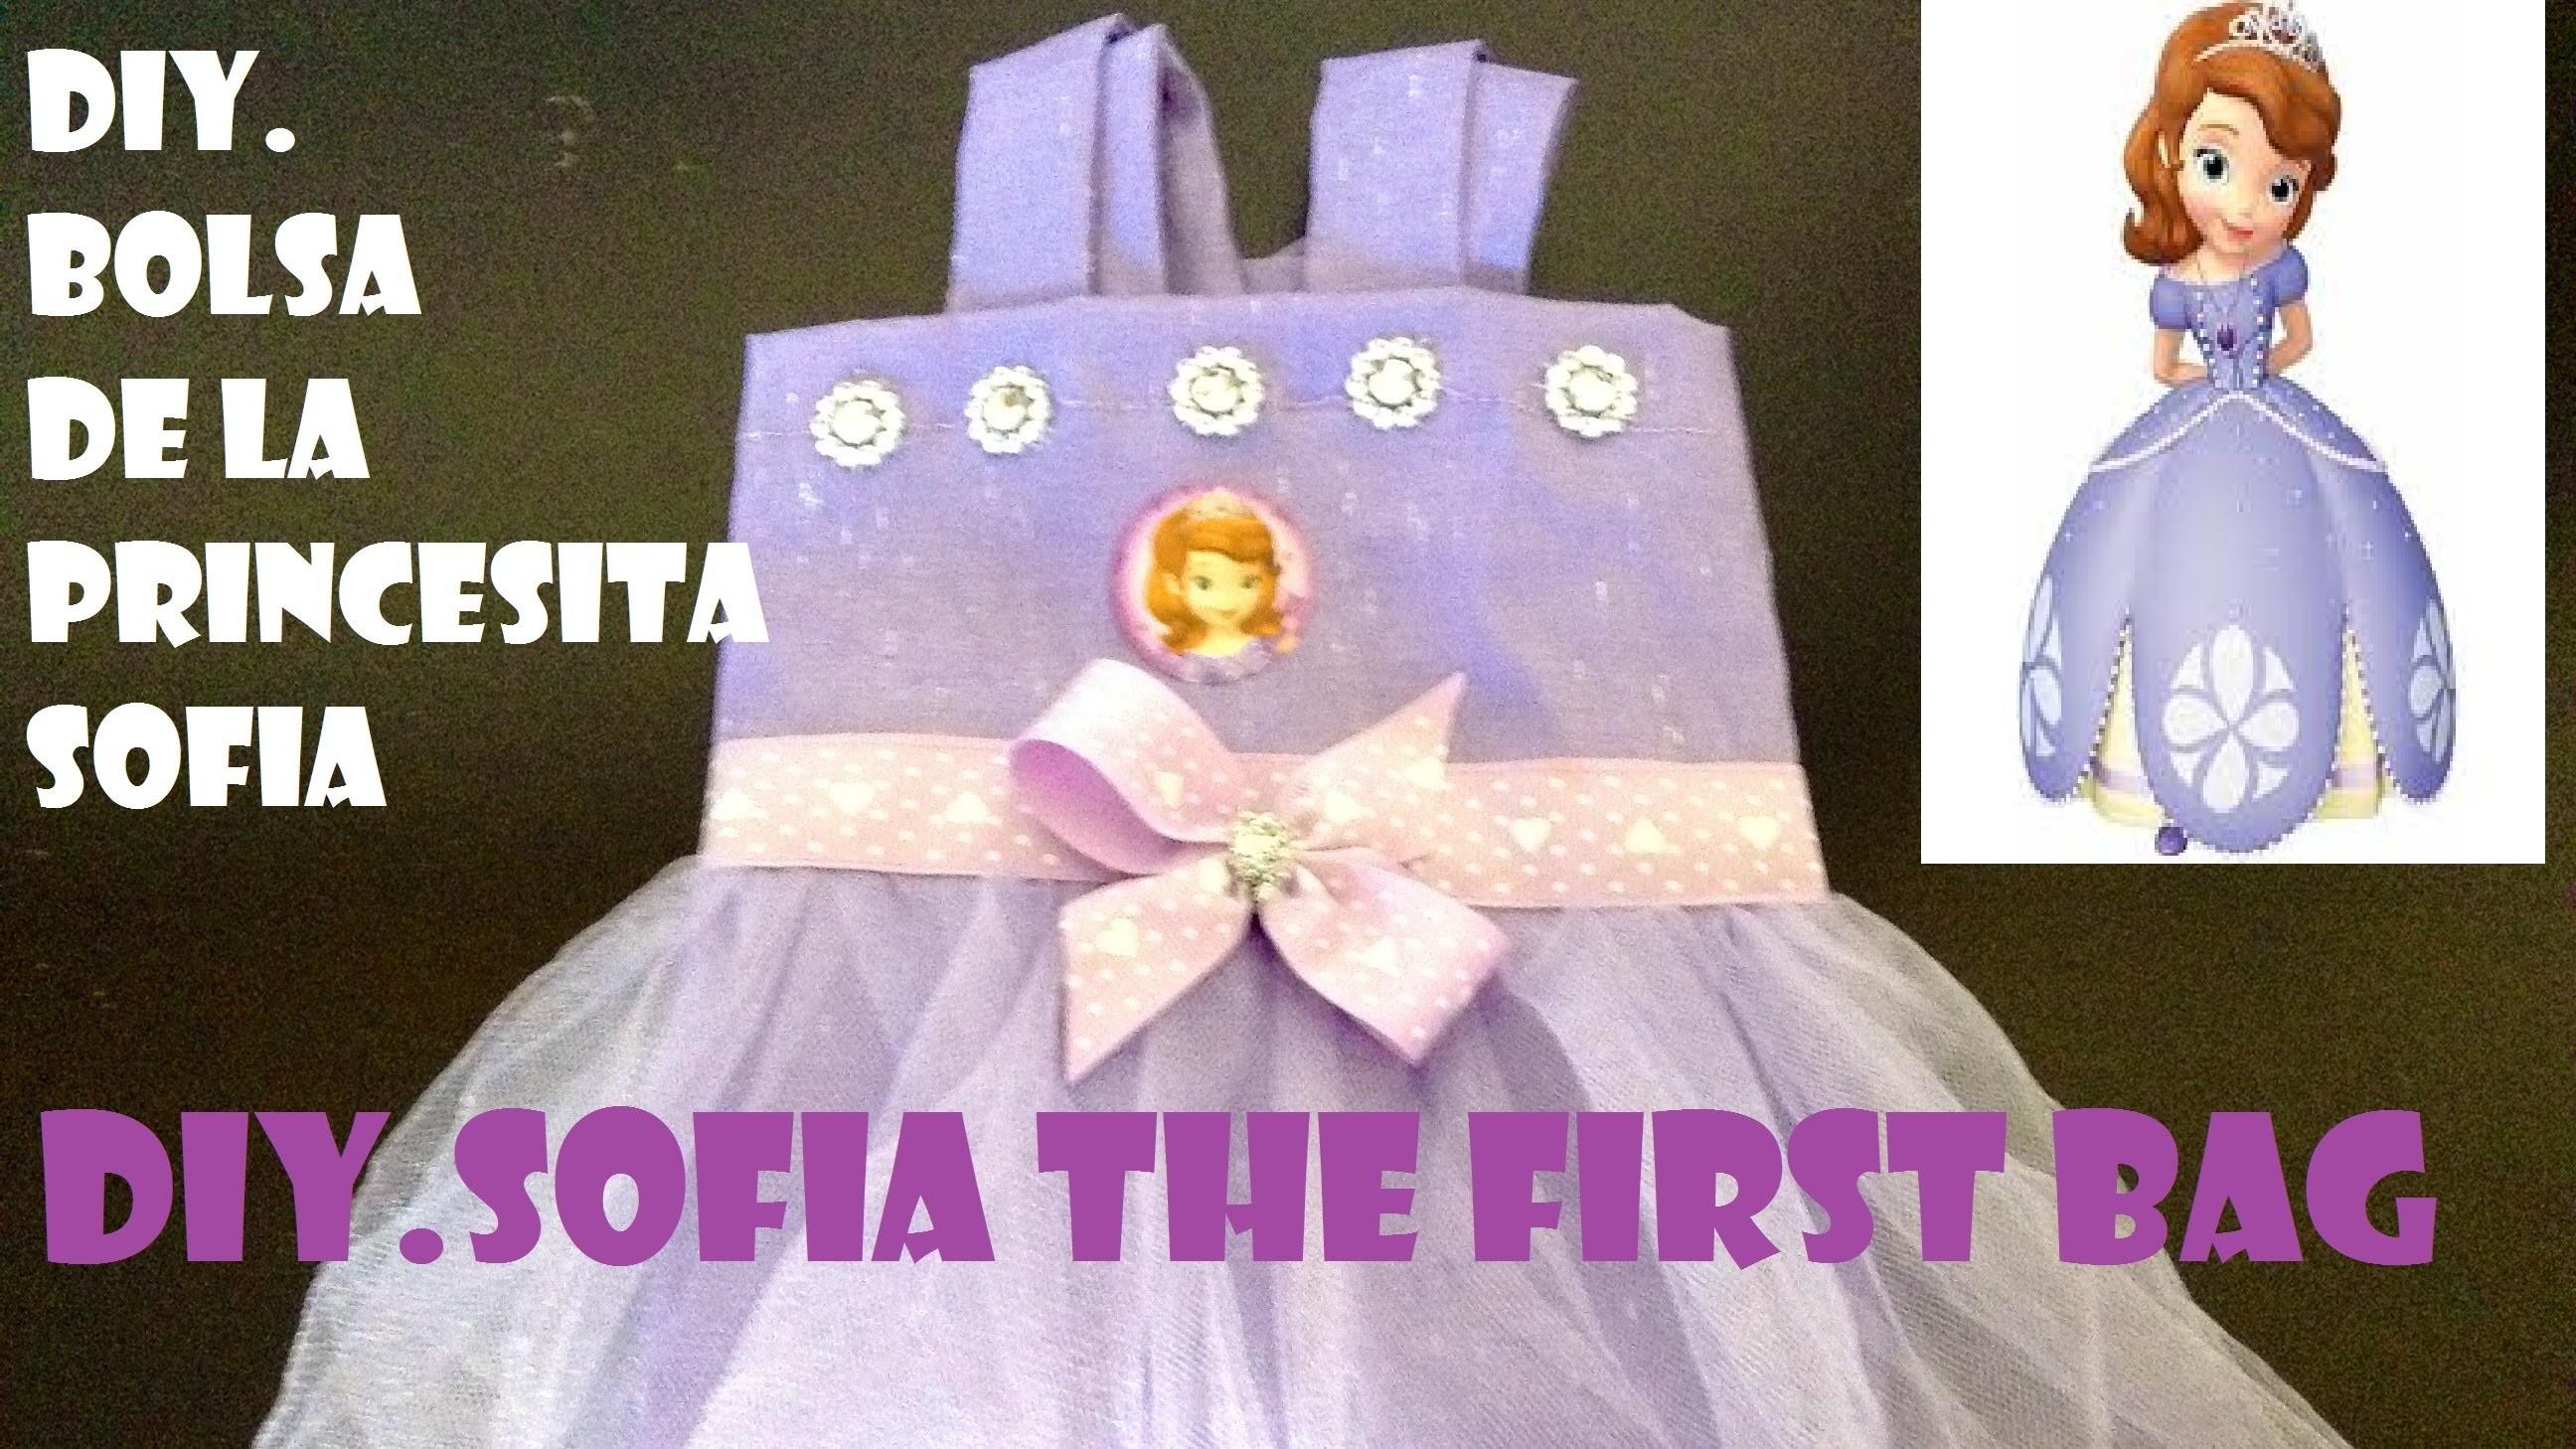 COMO HACER BOLSA TUTU DE PRINCESITA SOFIA. SOFIA THE FIRT PARTY BAG